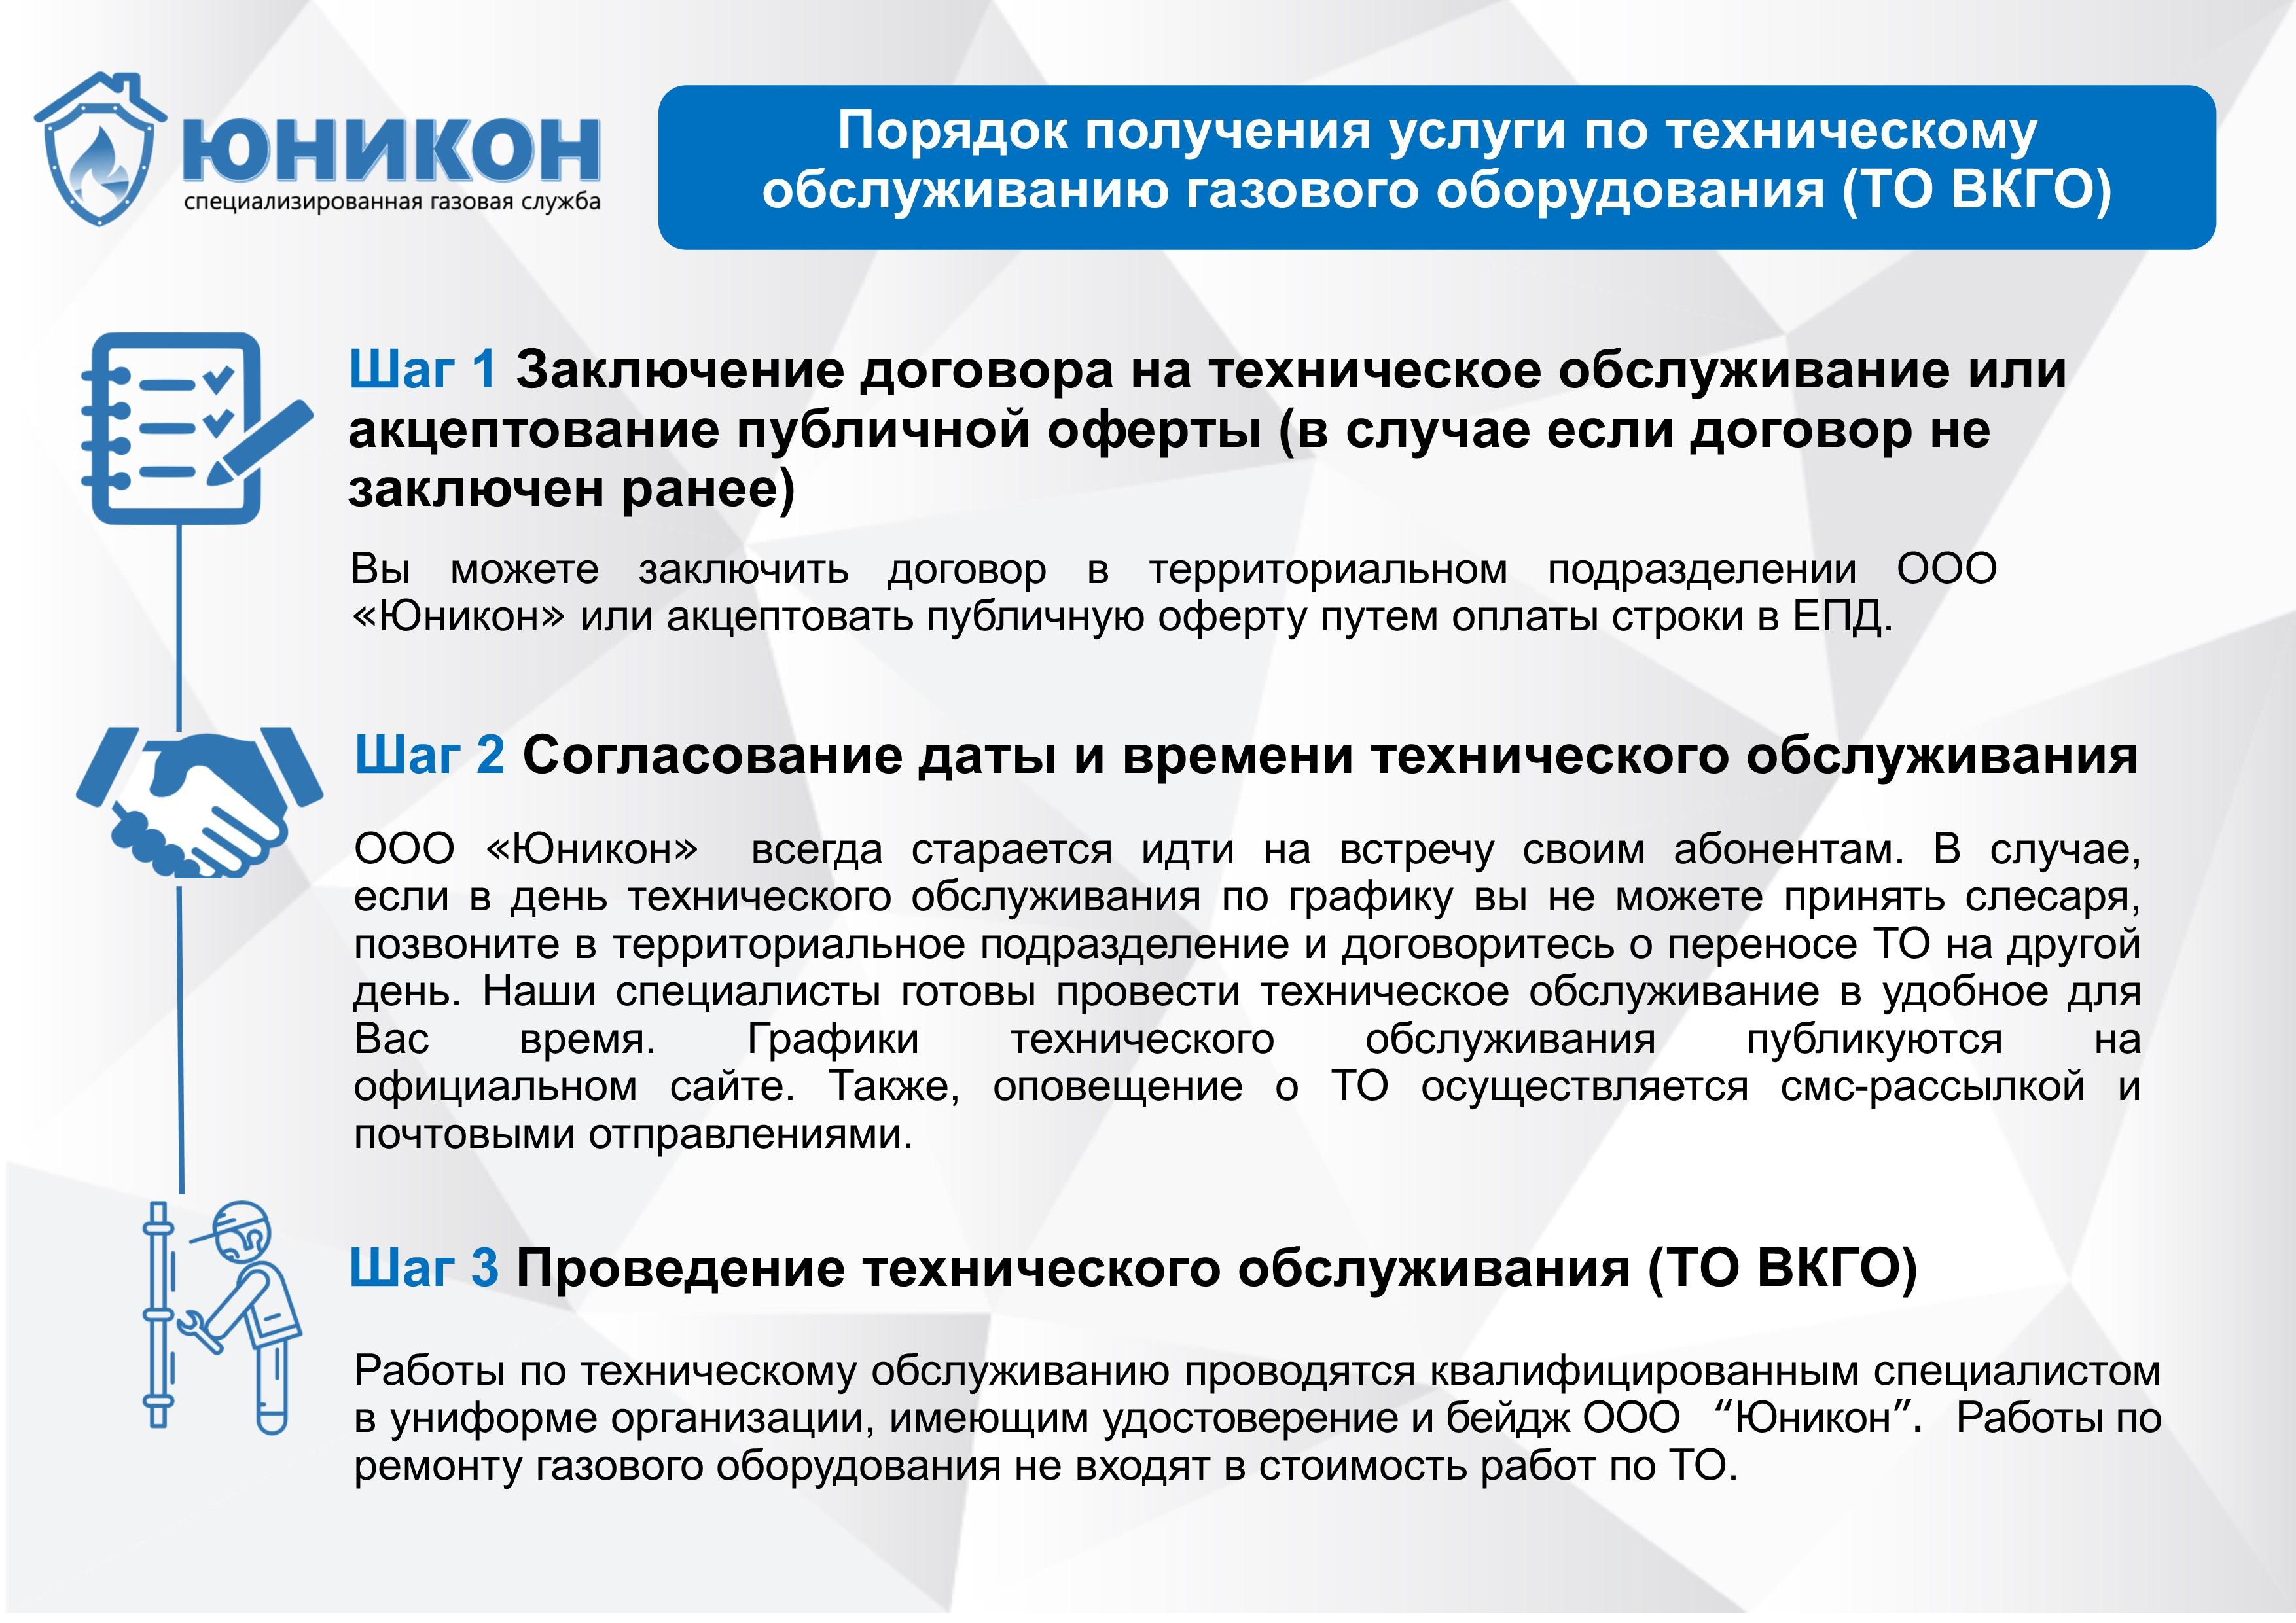 Договор на техническое обслуживание газового оборудования: как выбрать газовую компанию